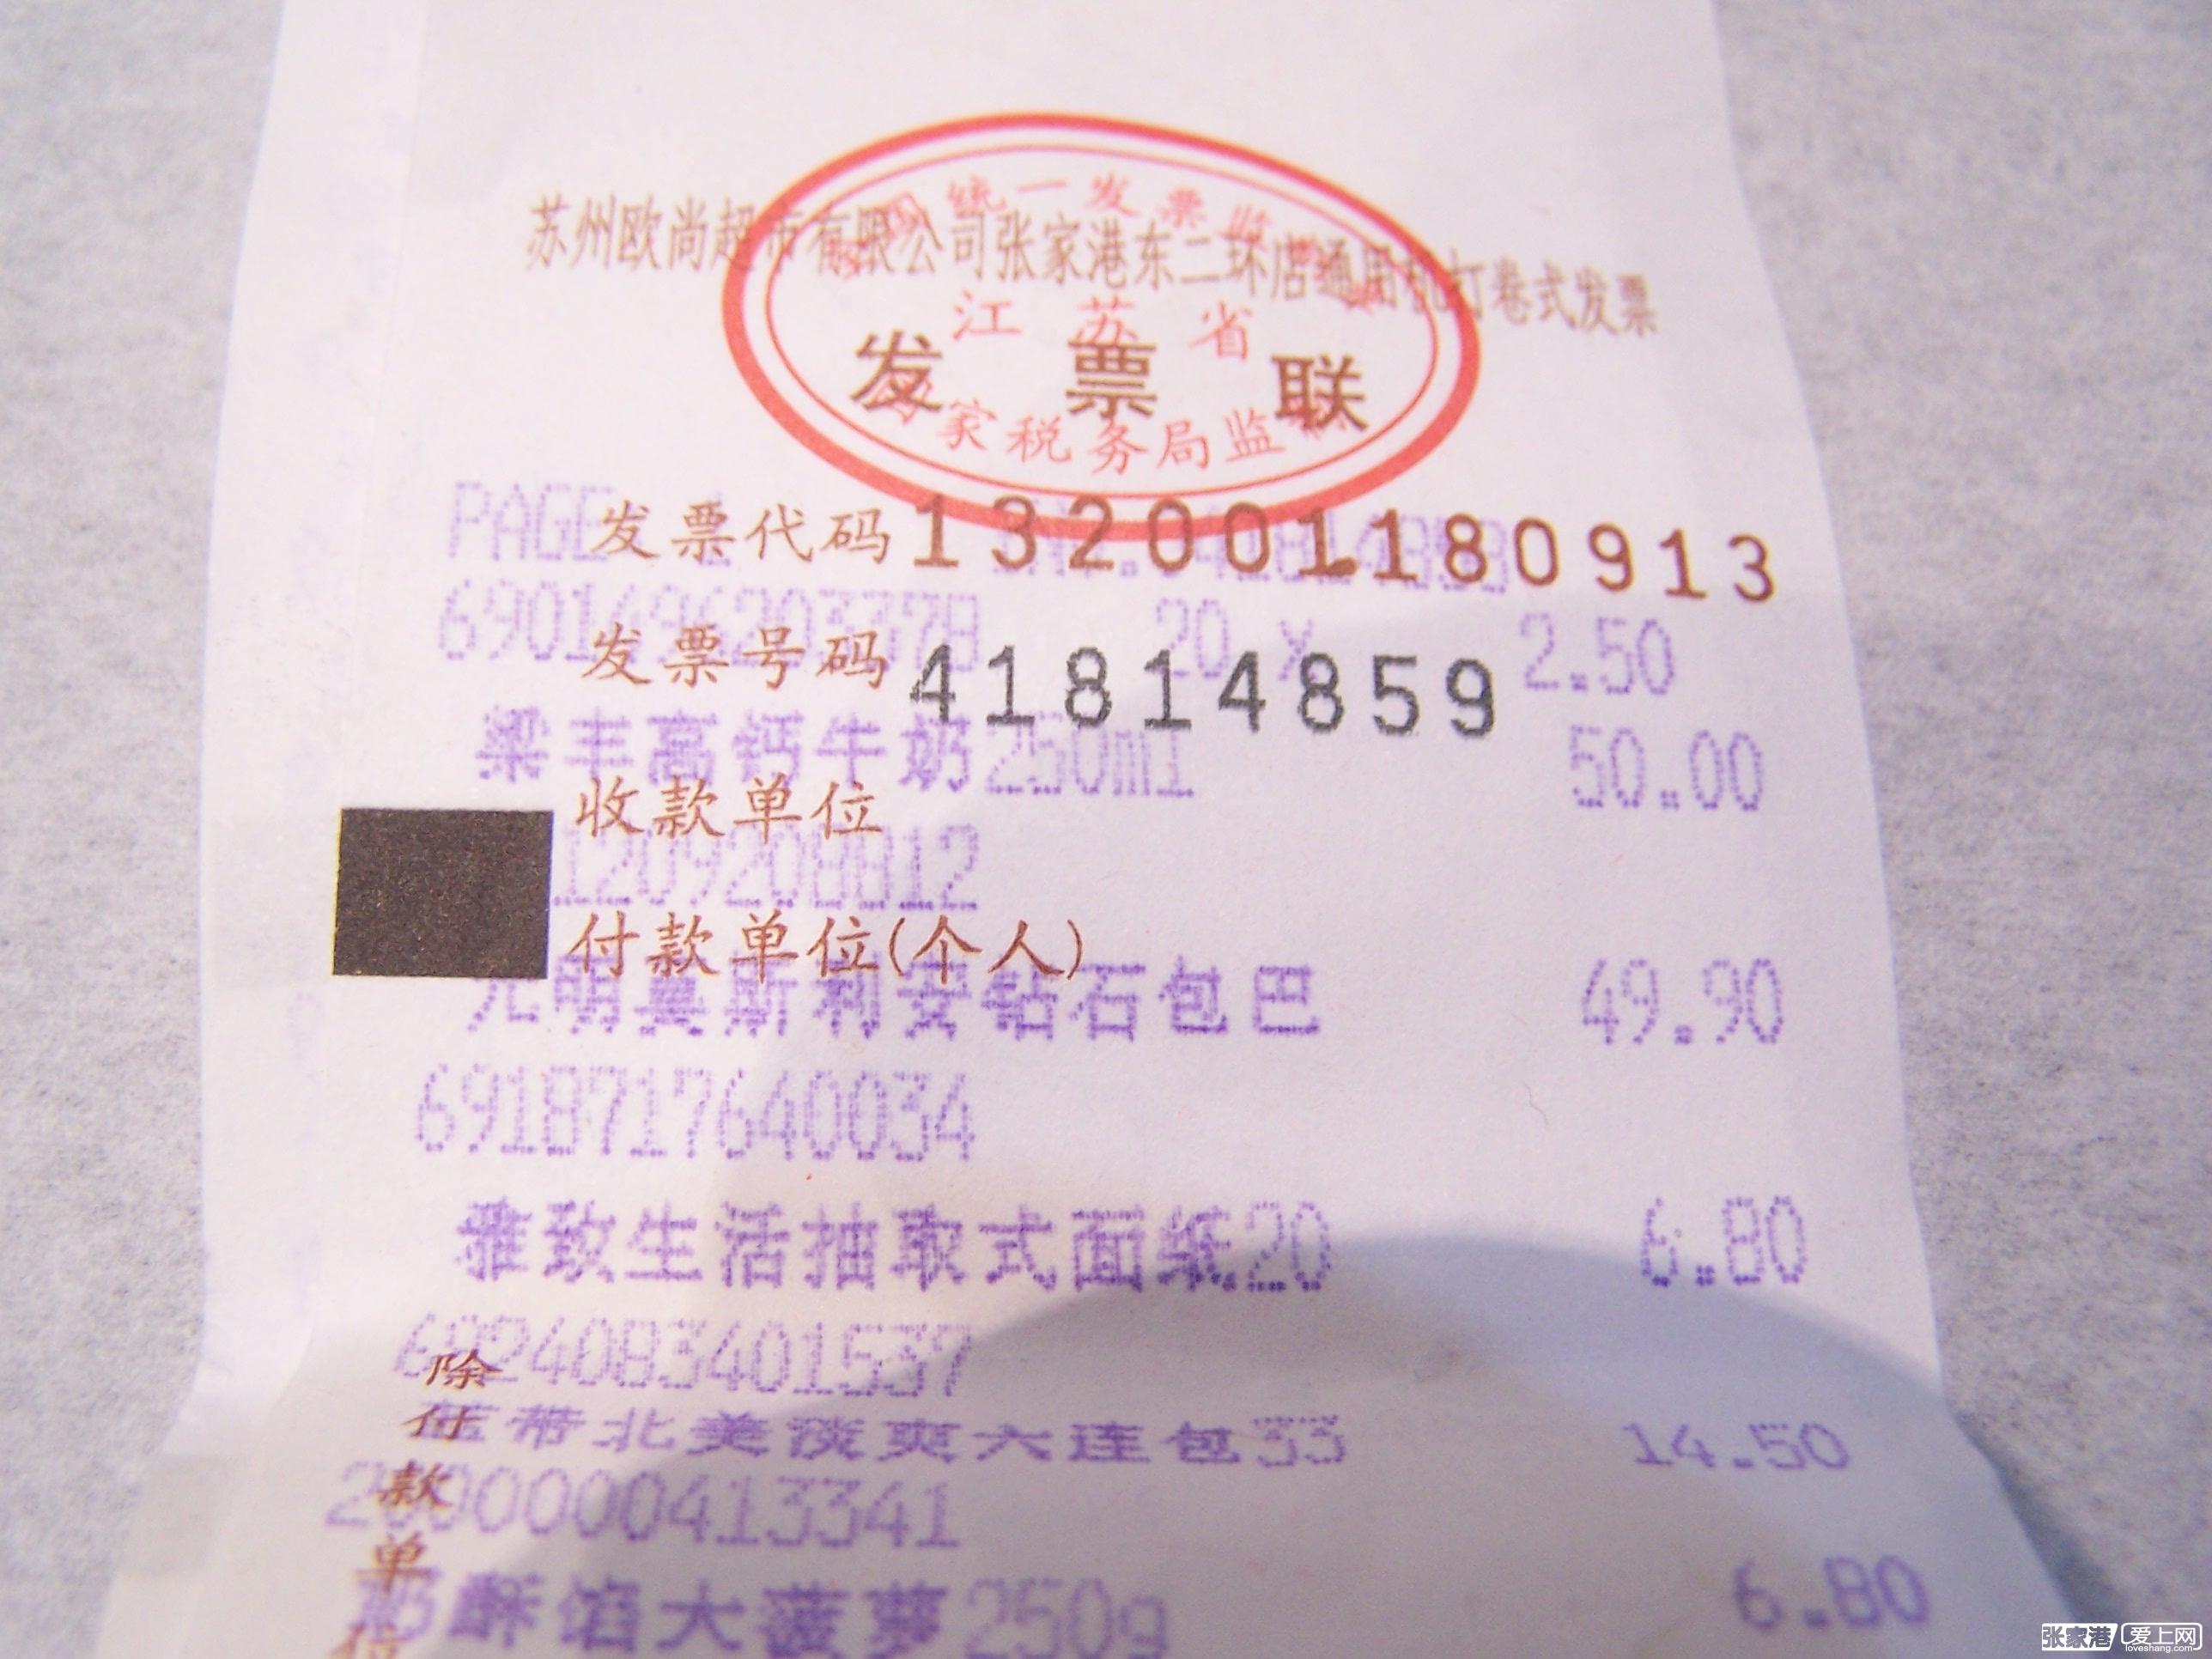 样的酸奶,只有49.9元,当时还不 今天早上LP洗   在特价(黄色标签